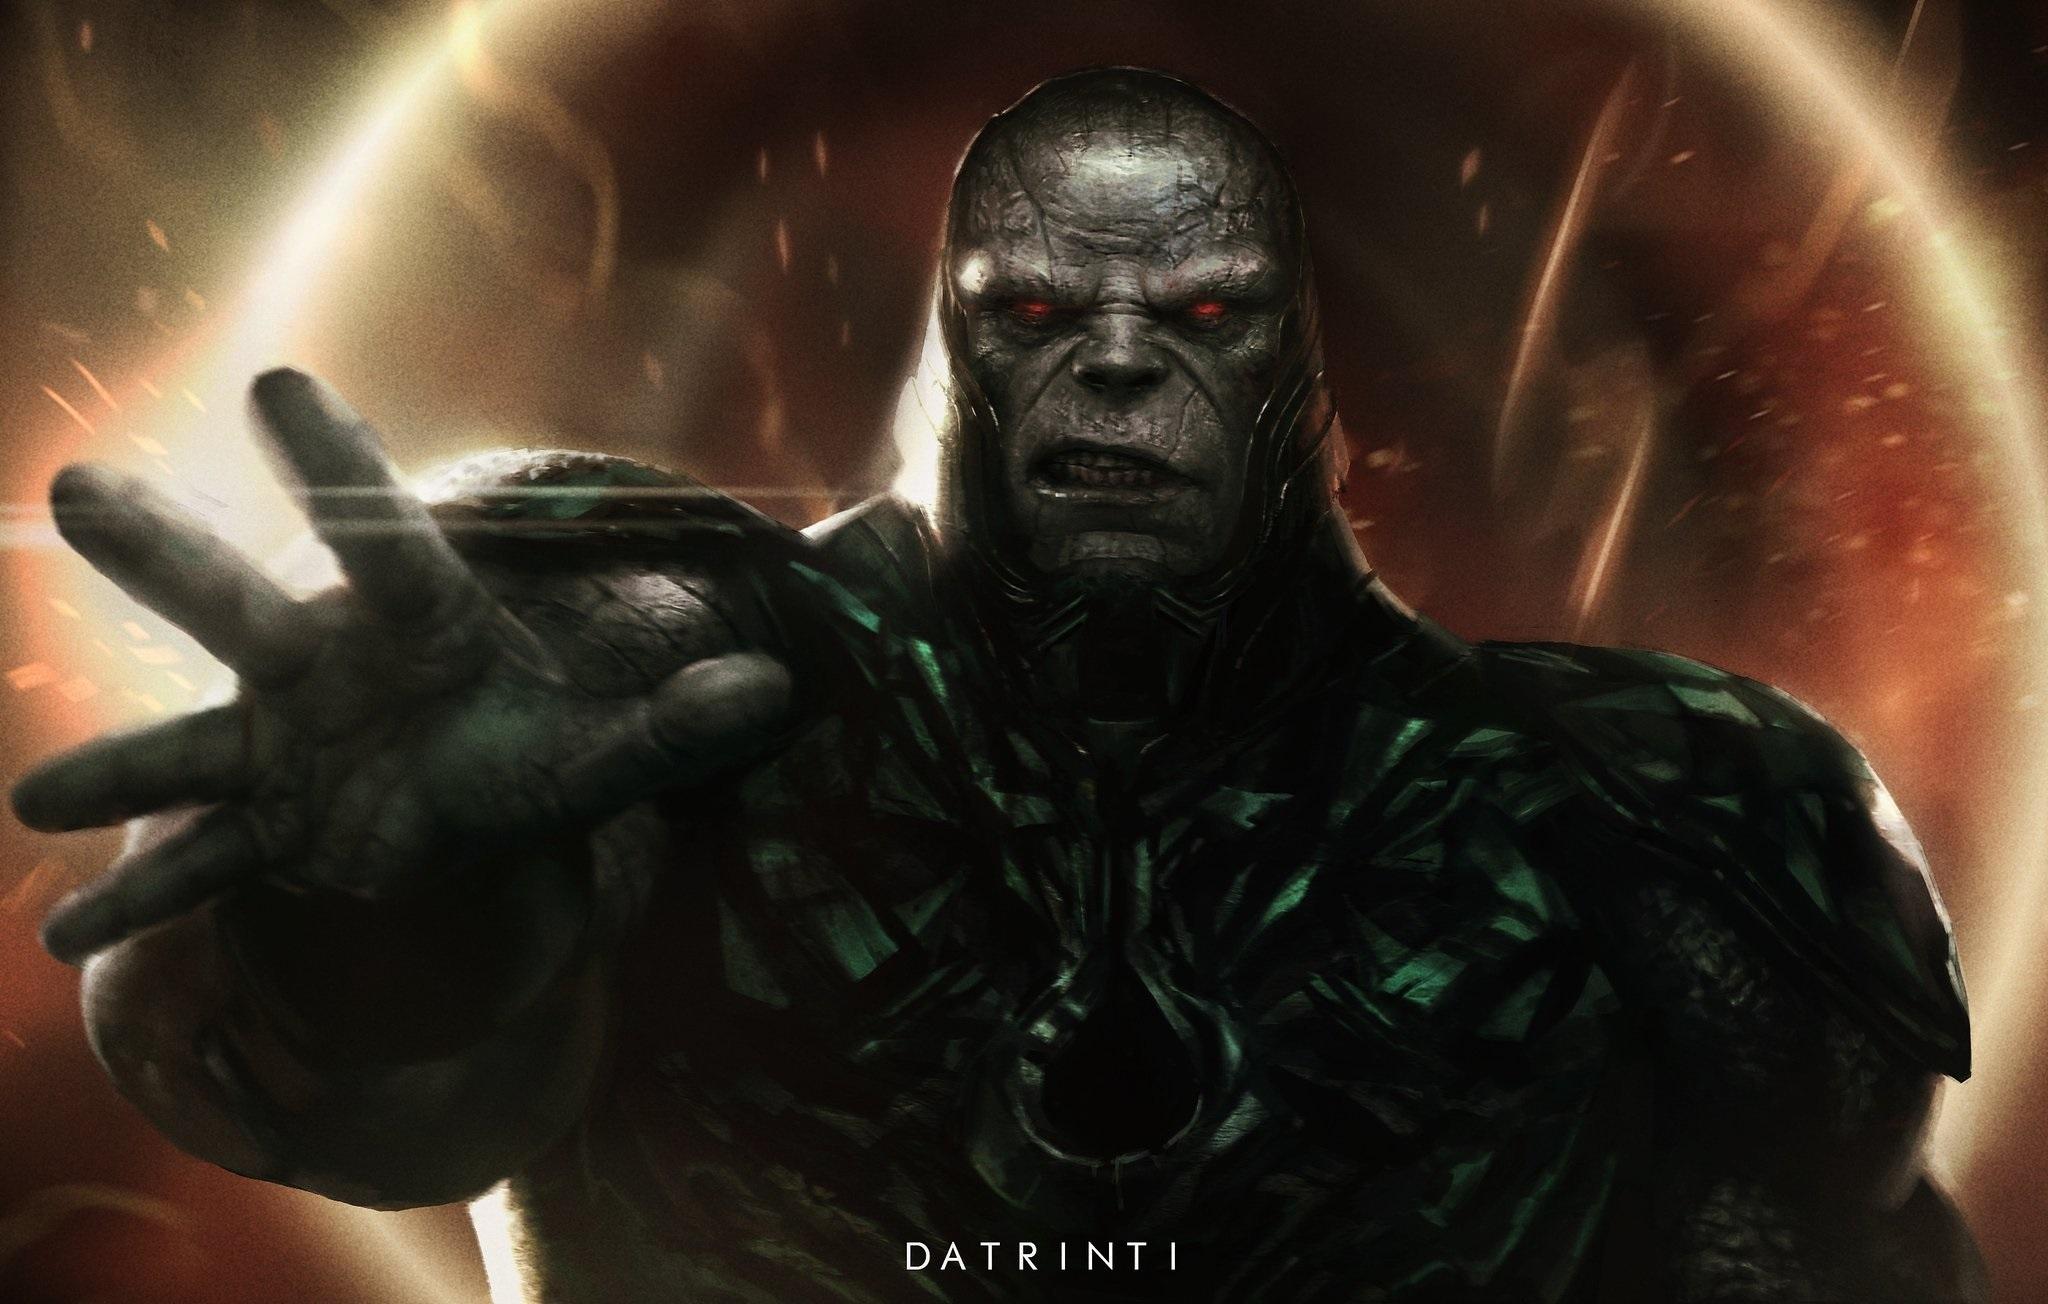 Fan-art featuring Darkseid by @datrini